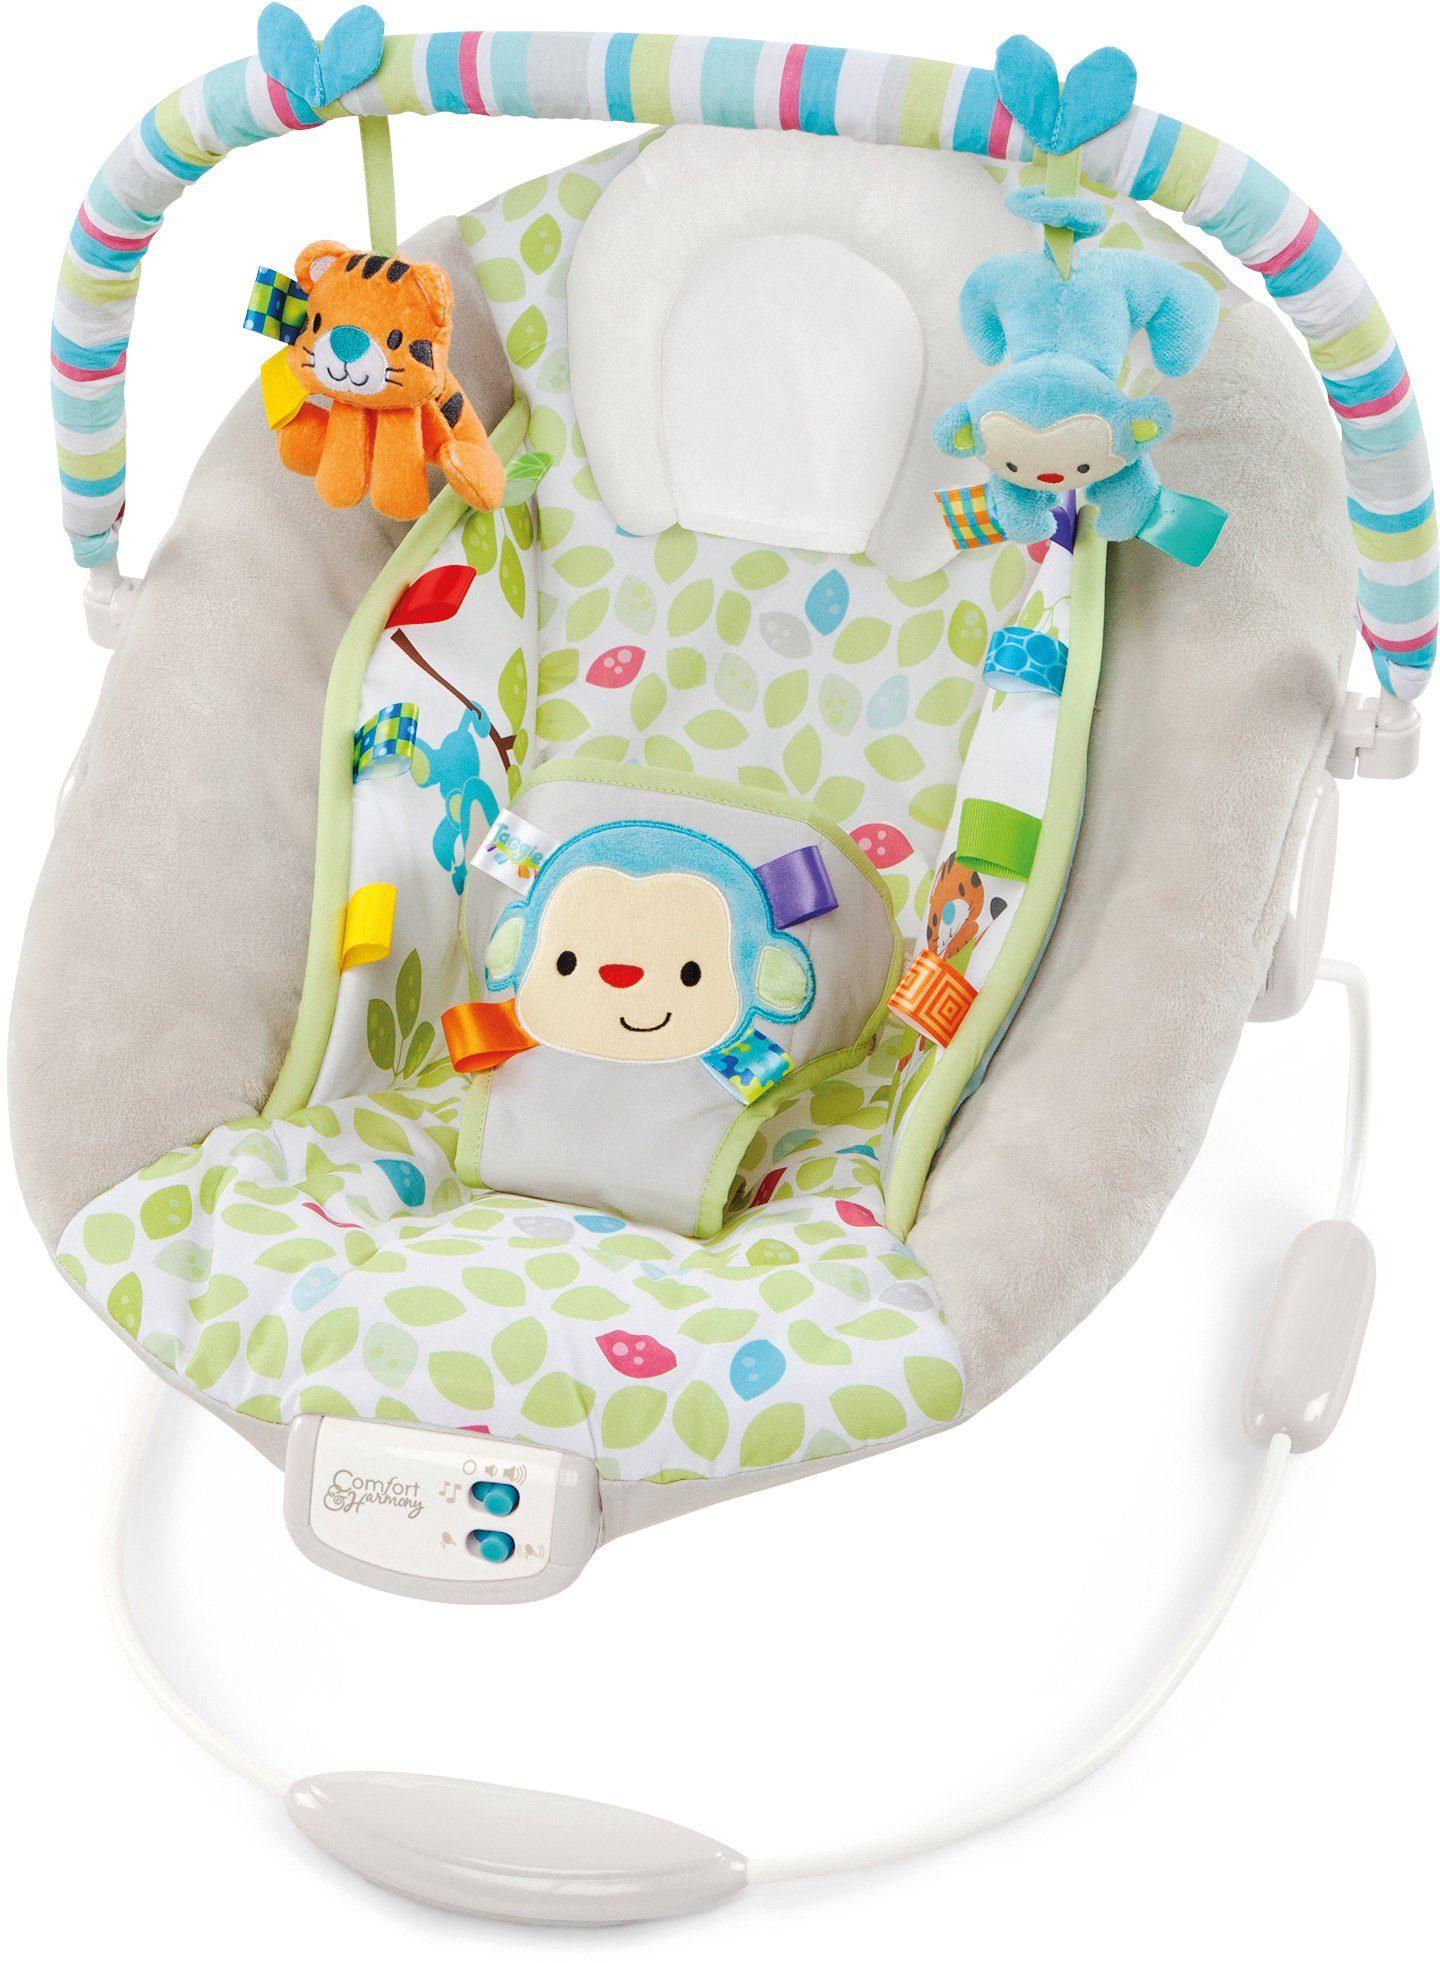 Kids II Babyschaukel, »Cradling Bouncer in Merry Monkeys«